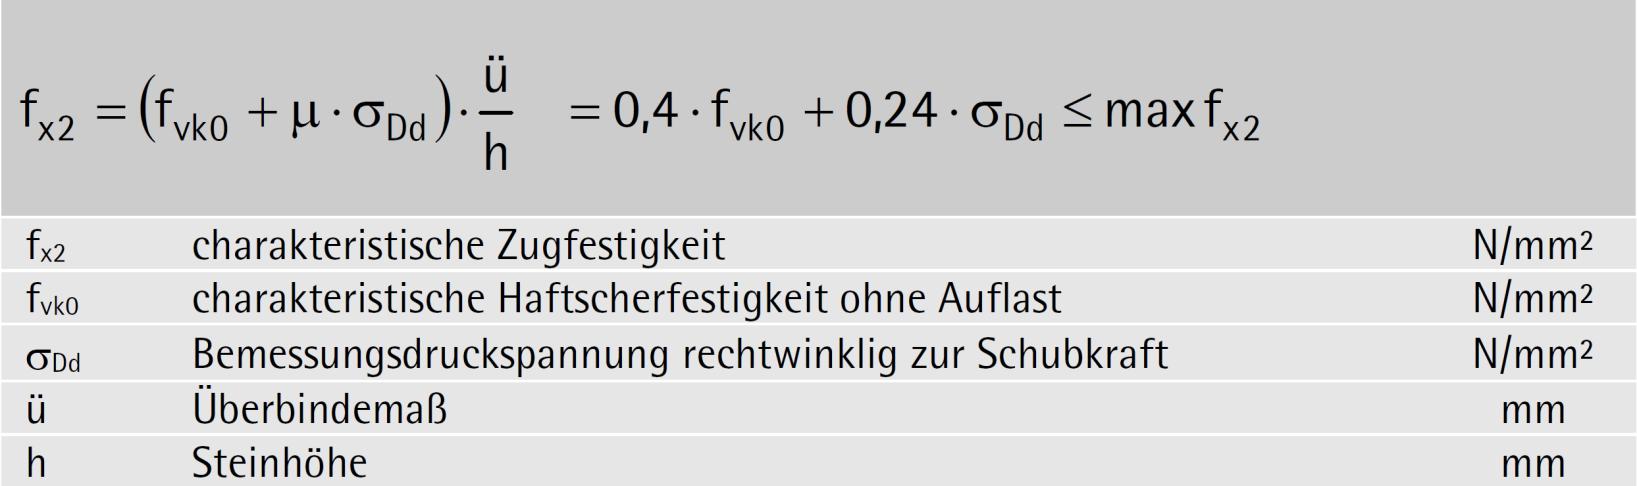 Formel: (5-20)